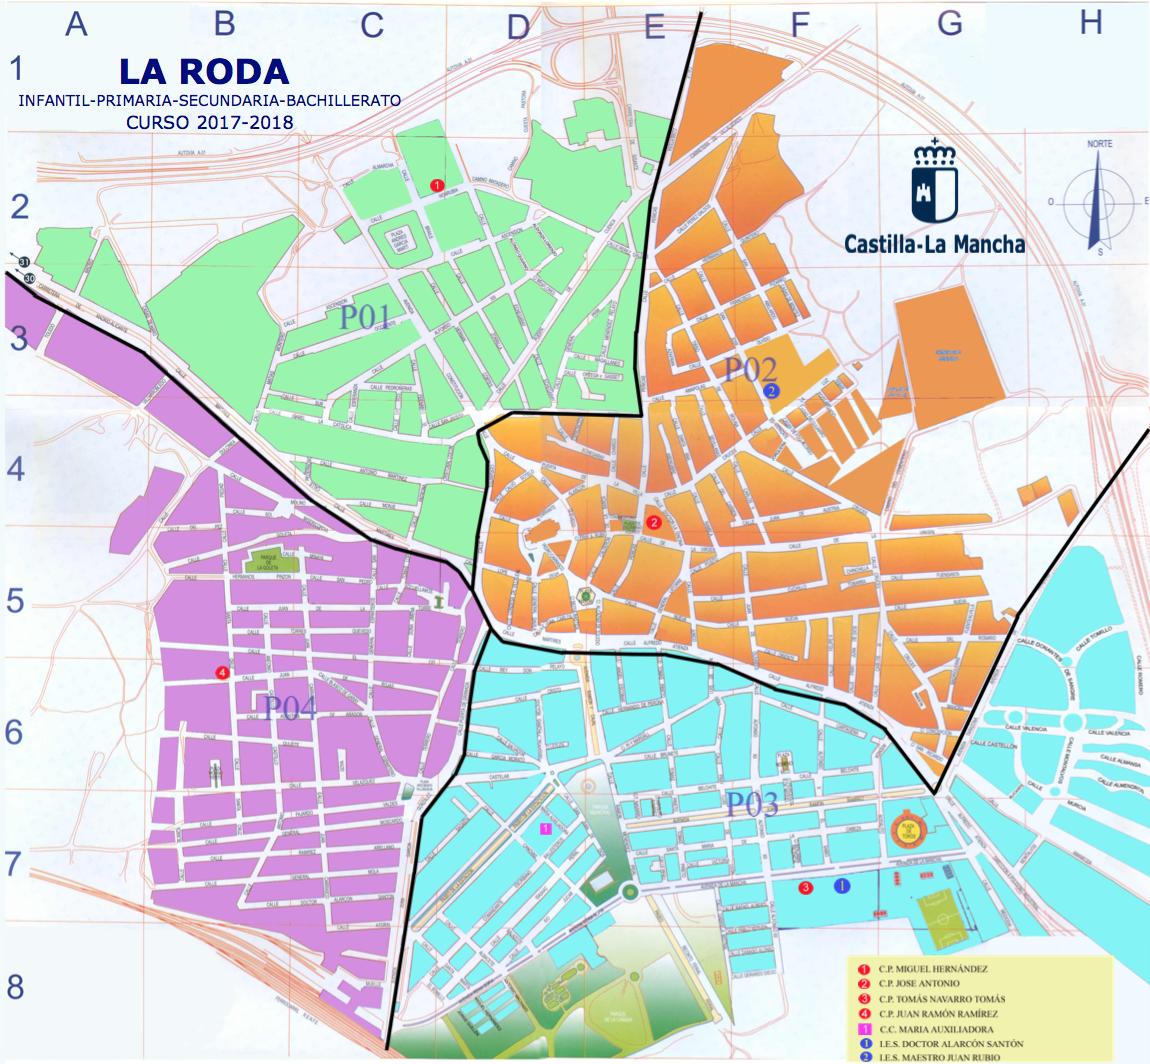 Este es el mapa oficial de las zonas de la roda para - Plano de almansa ...